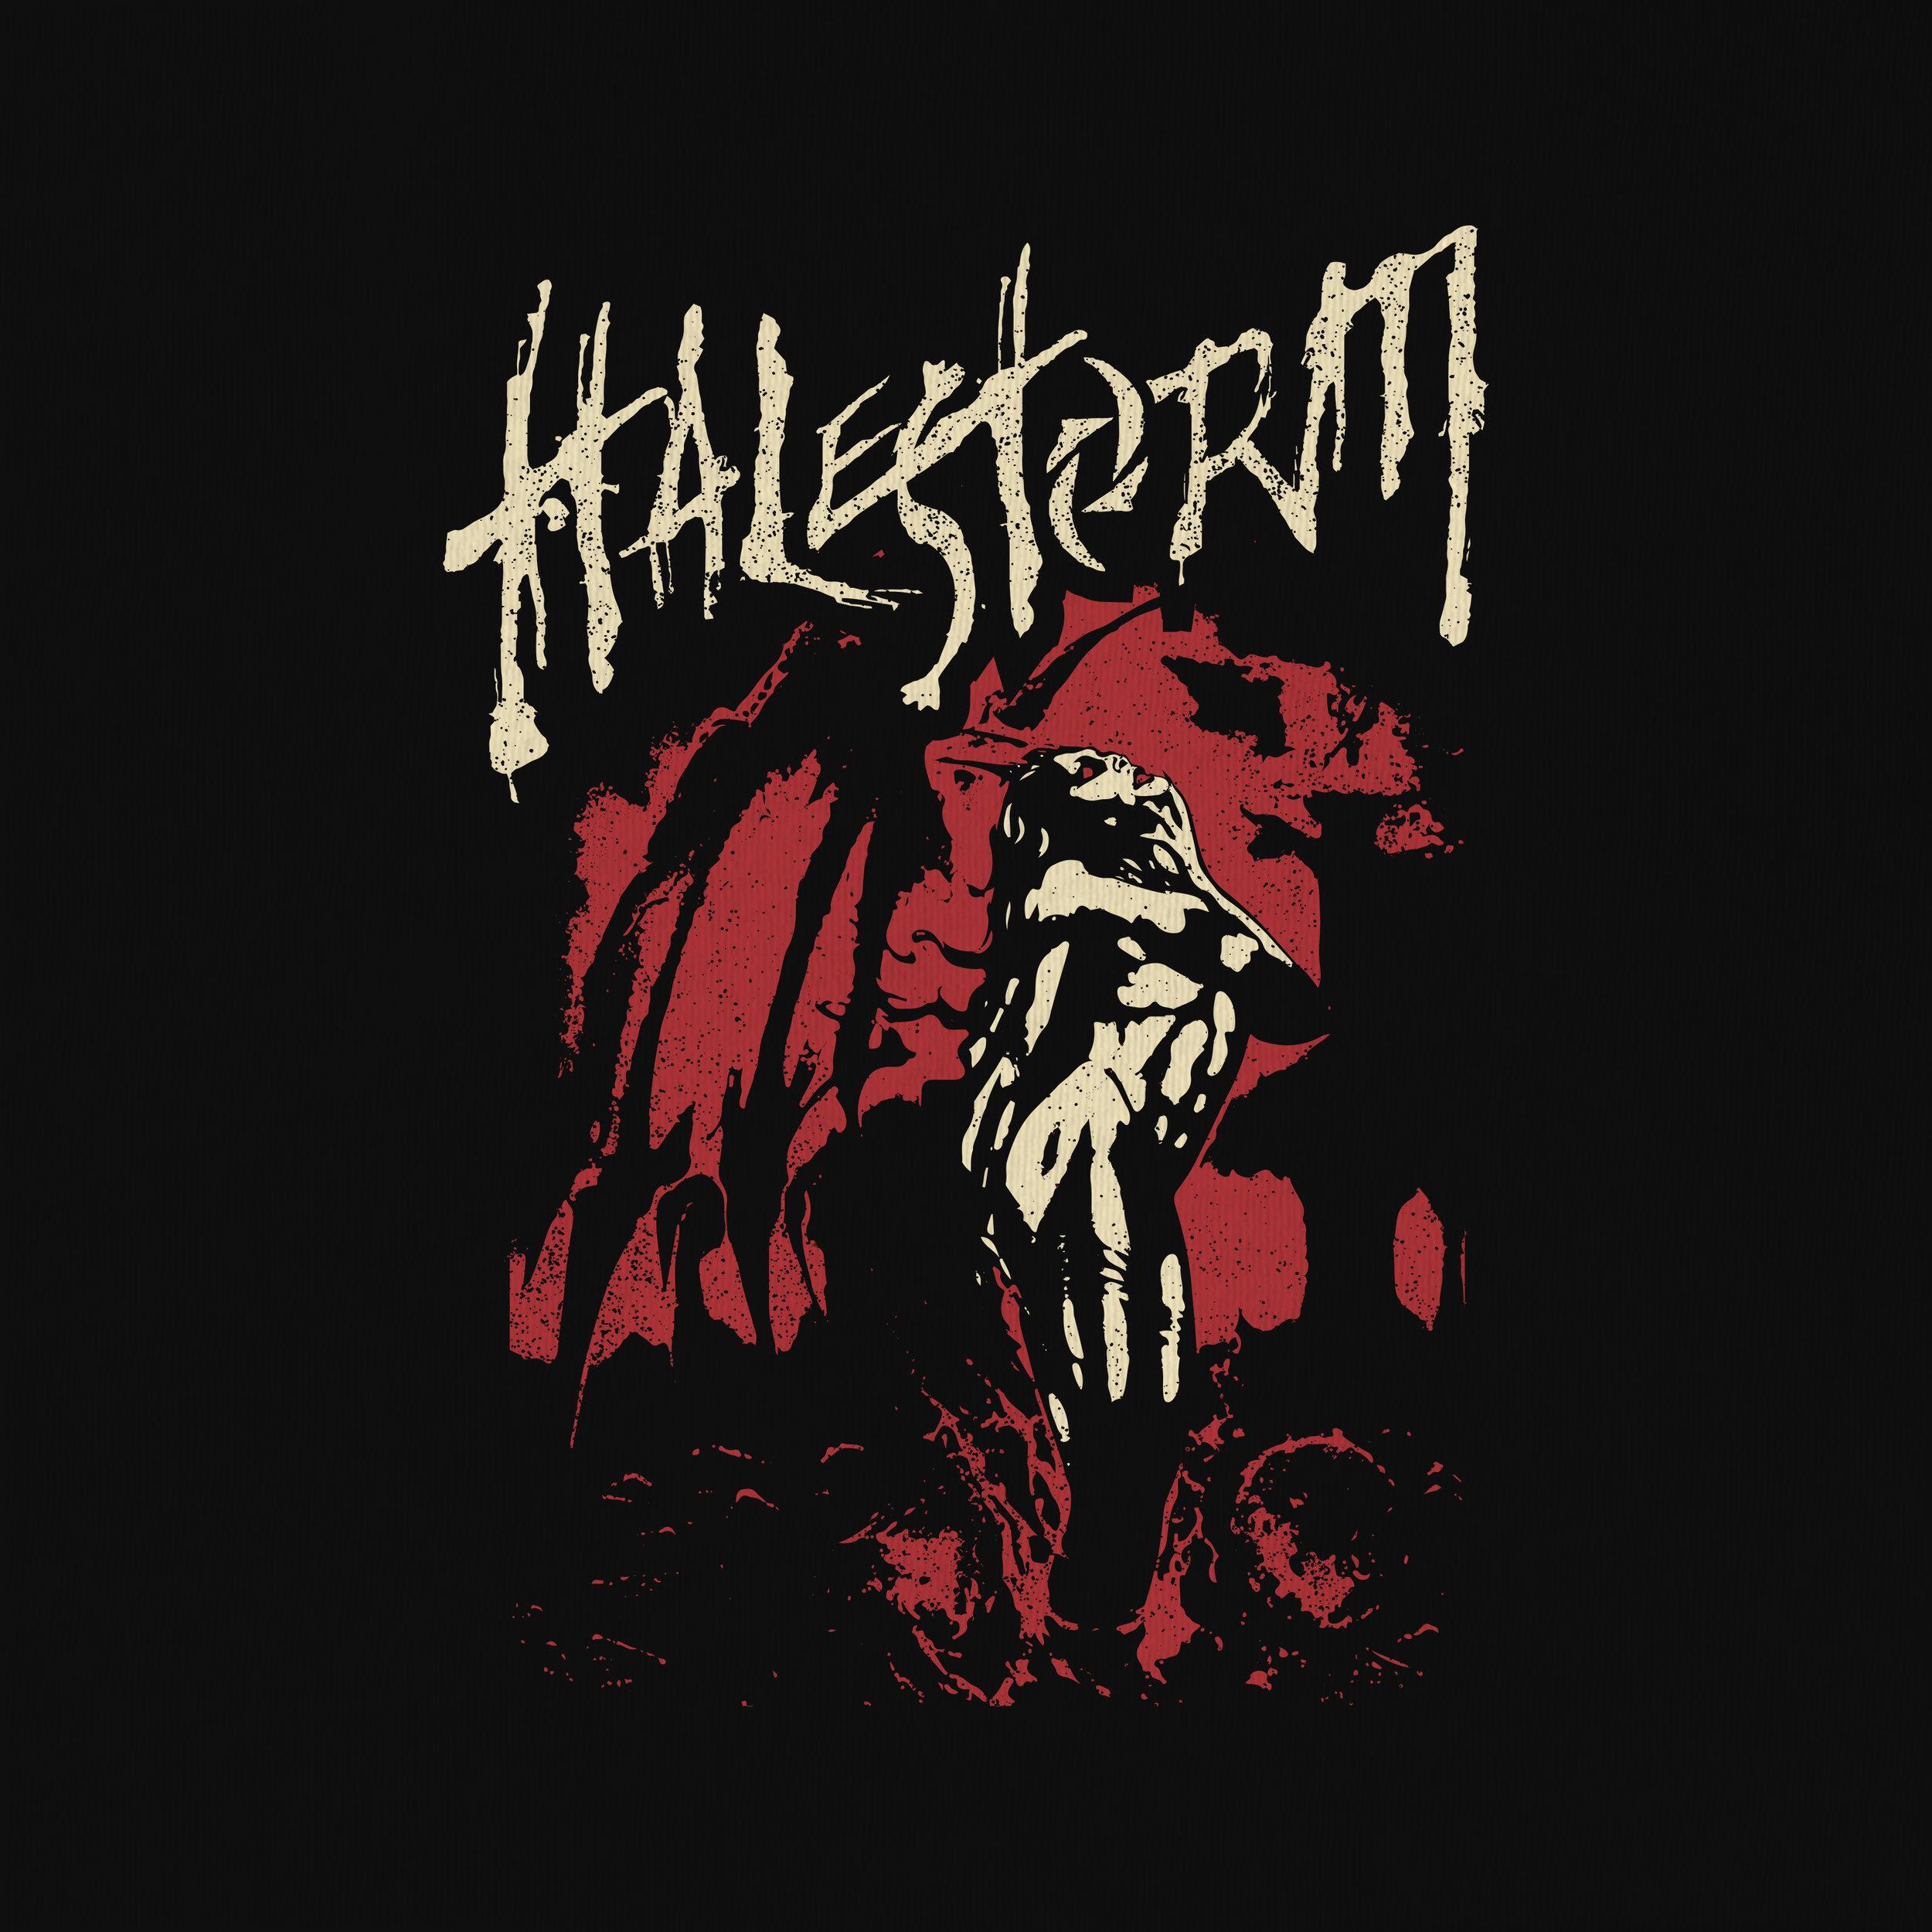 halestorm-demon-front.jpg